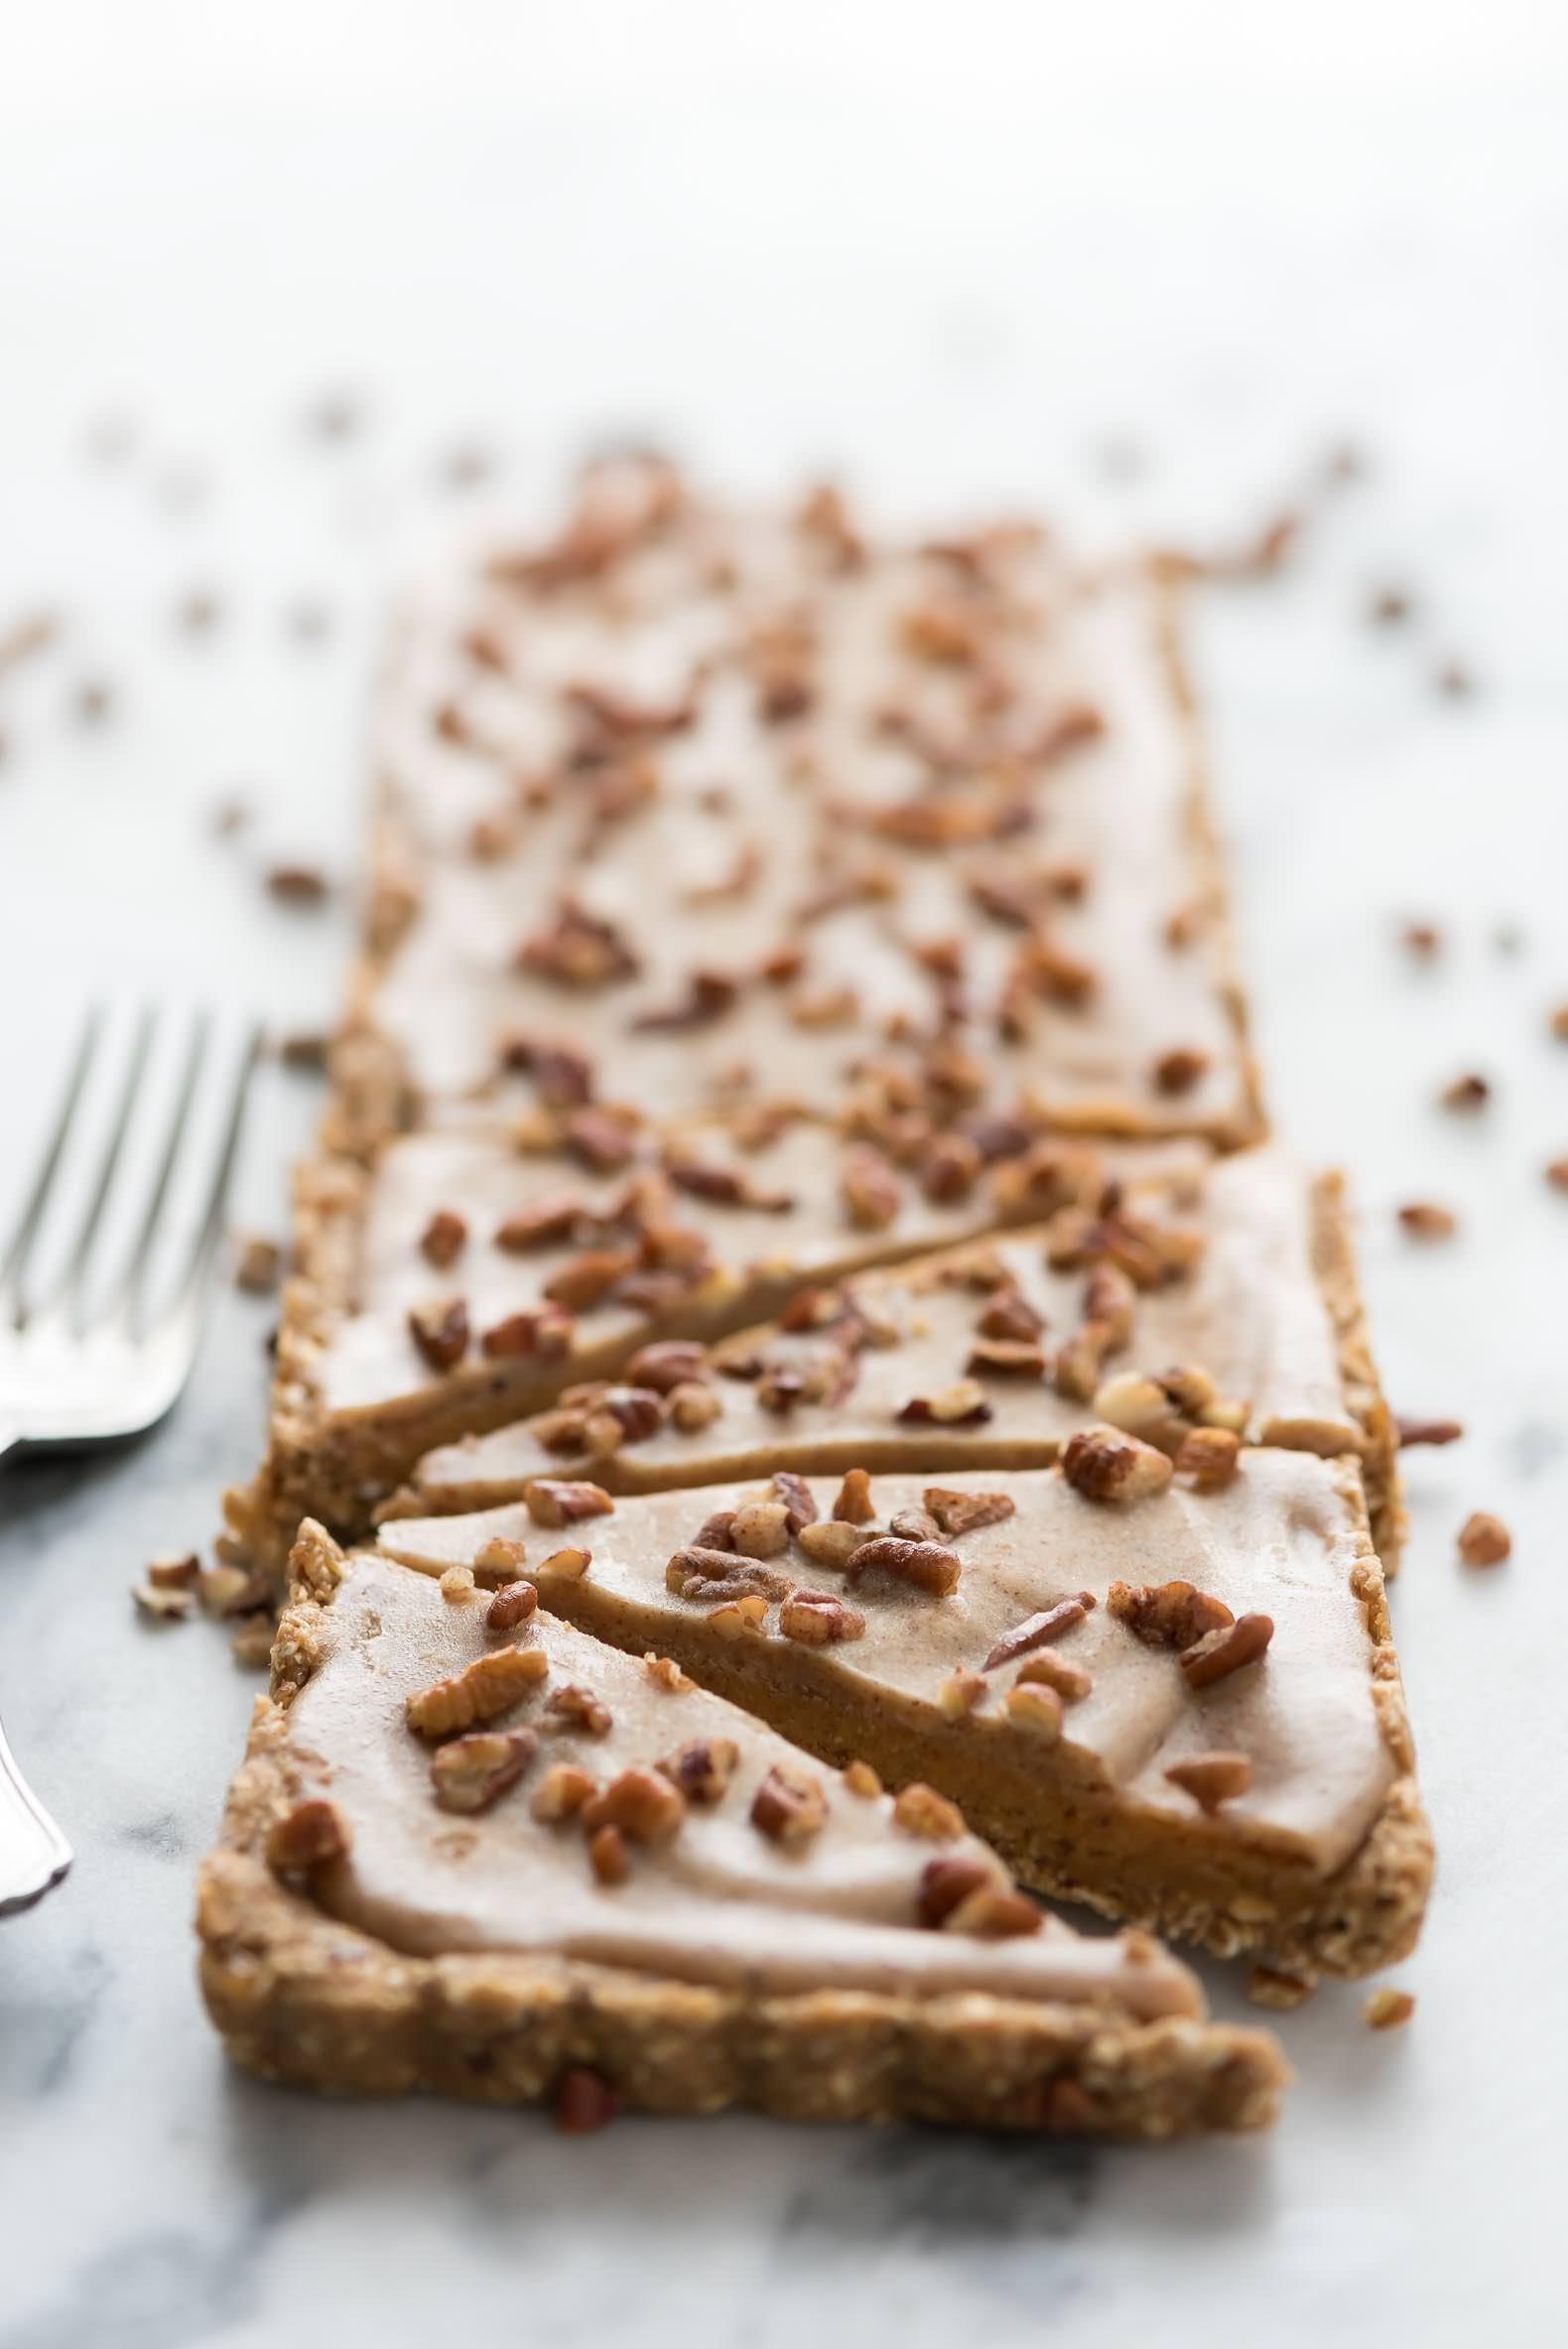 No Bake Pumpkin Bars, Healthy Snack, Diary Free, Almond Butter, Honey, Fall Dessert, Thanksgiving, Caramel, Gluten Free